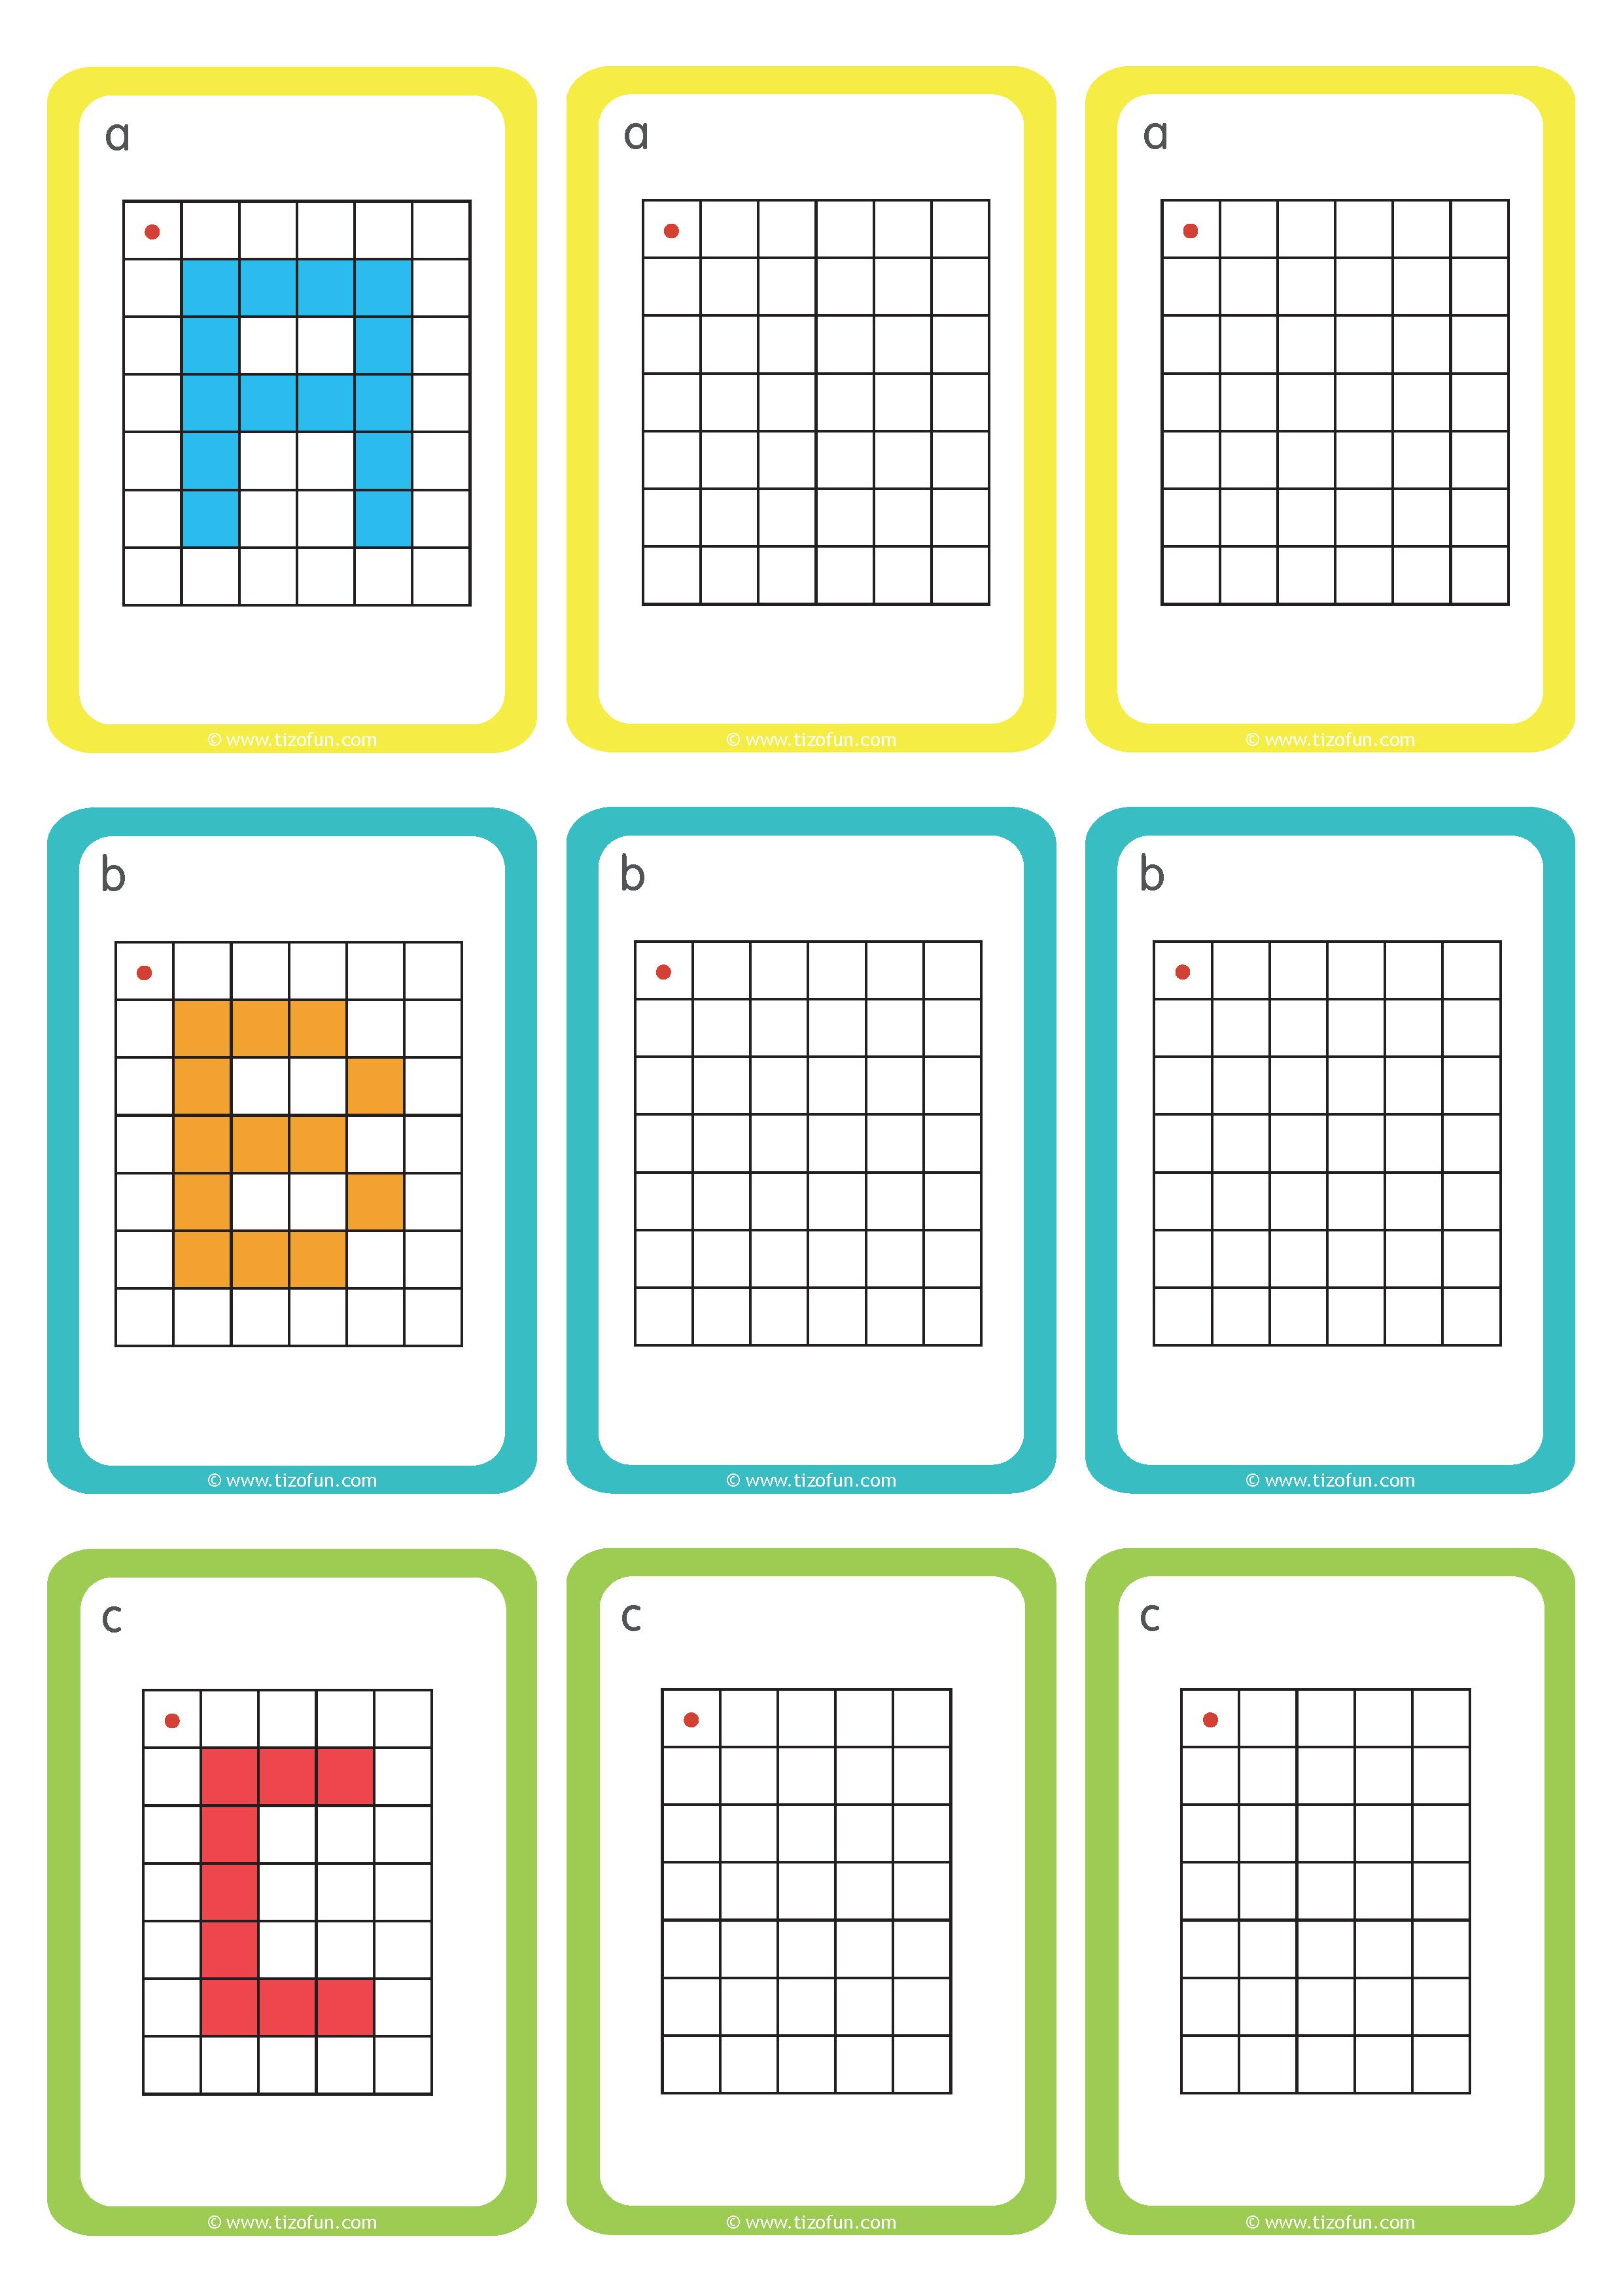 Exercice De Math Cp En Ligne Fiche Mathématique À Imprimer dedans Fiche D Exercice Grande Section A Imprimer